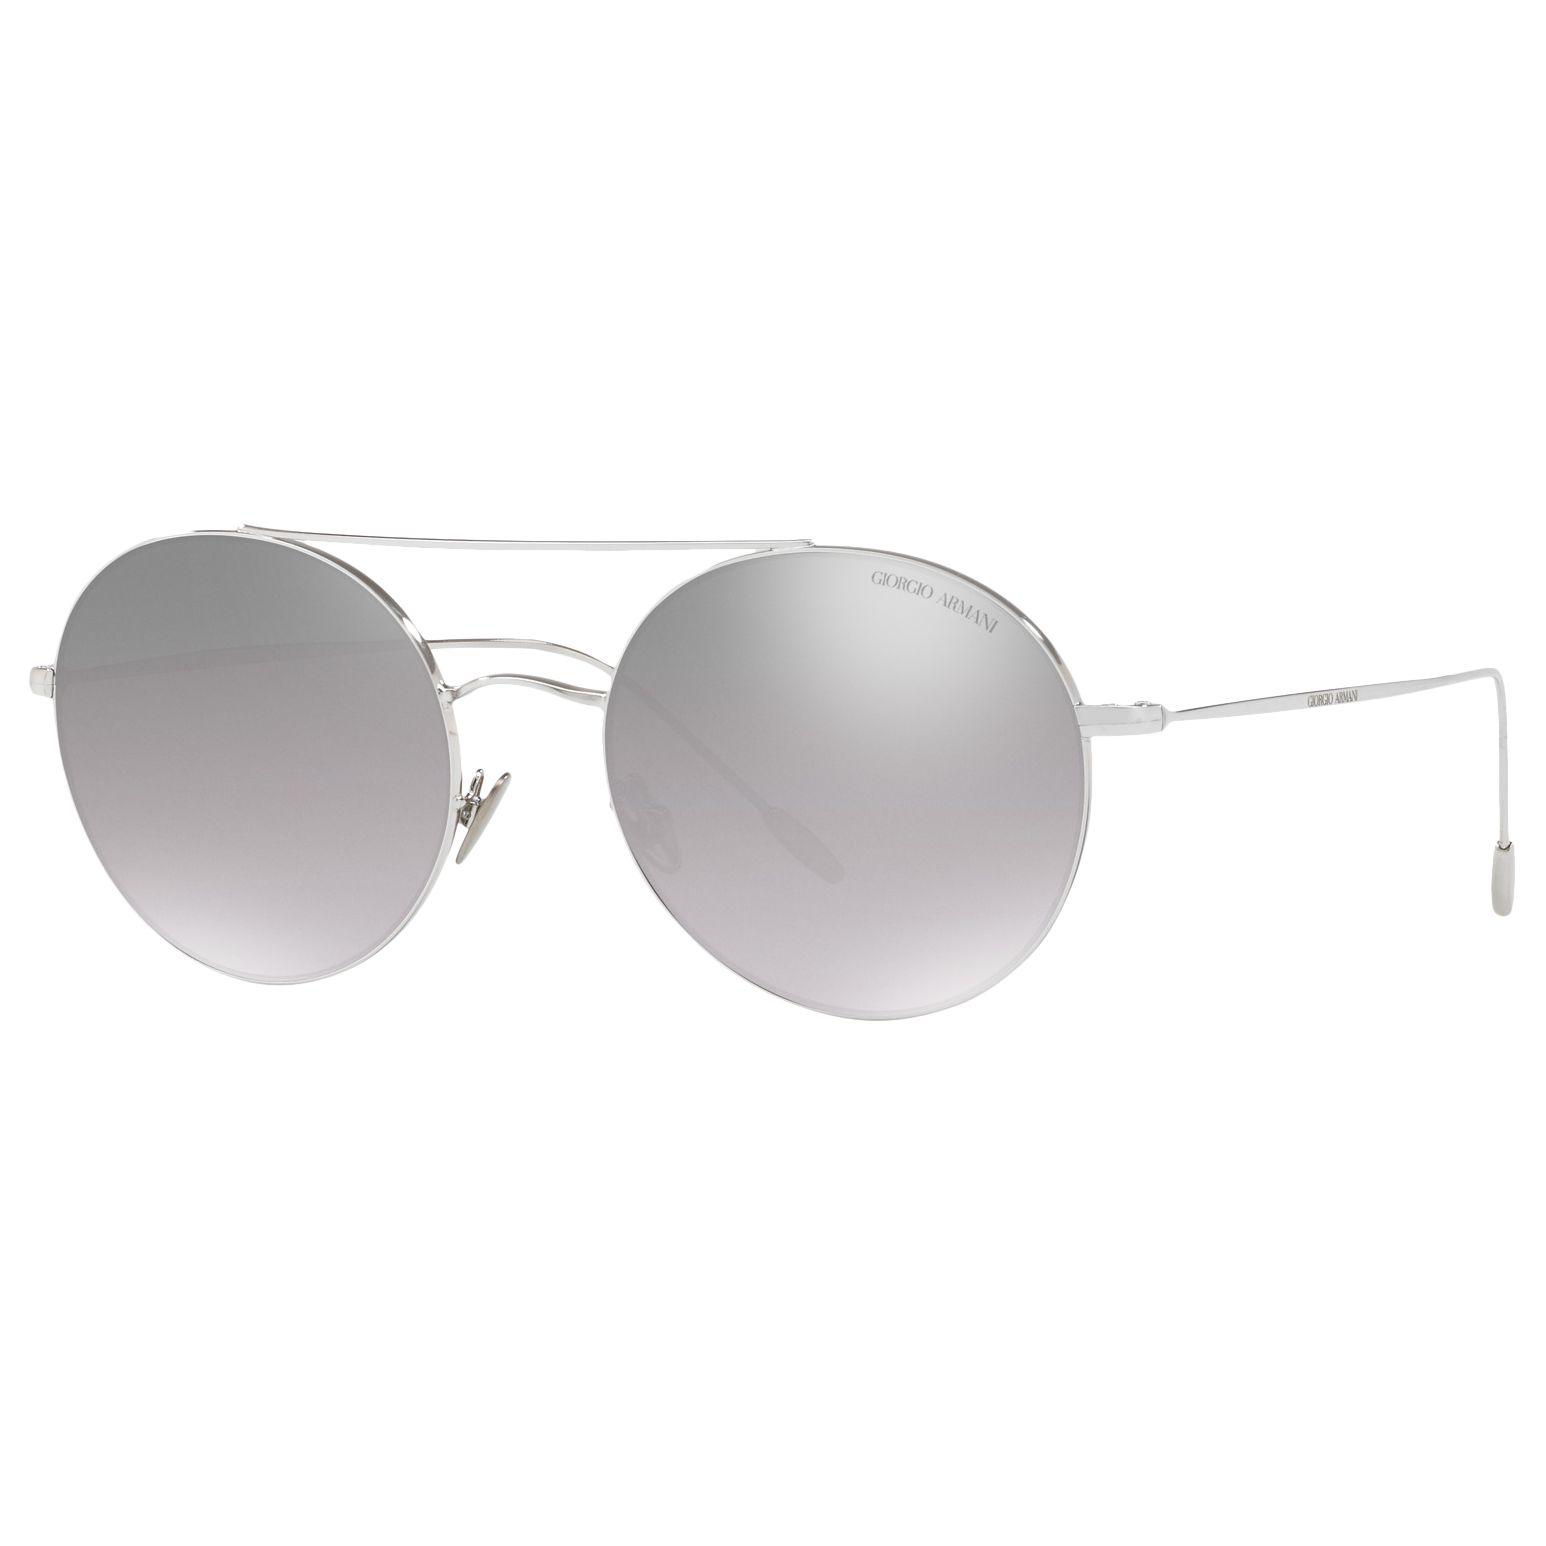 Giorgio Armani Giorgio Armani AR6050 Round Sunglasses, Silver/Mirror Grey